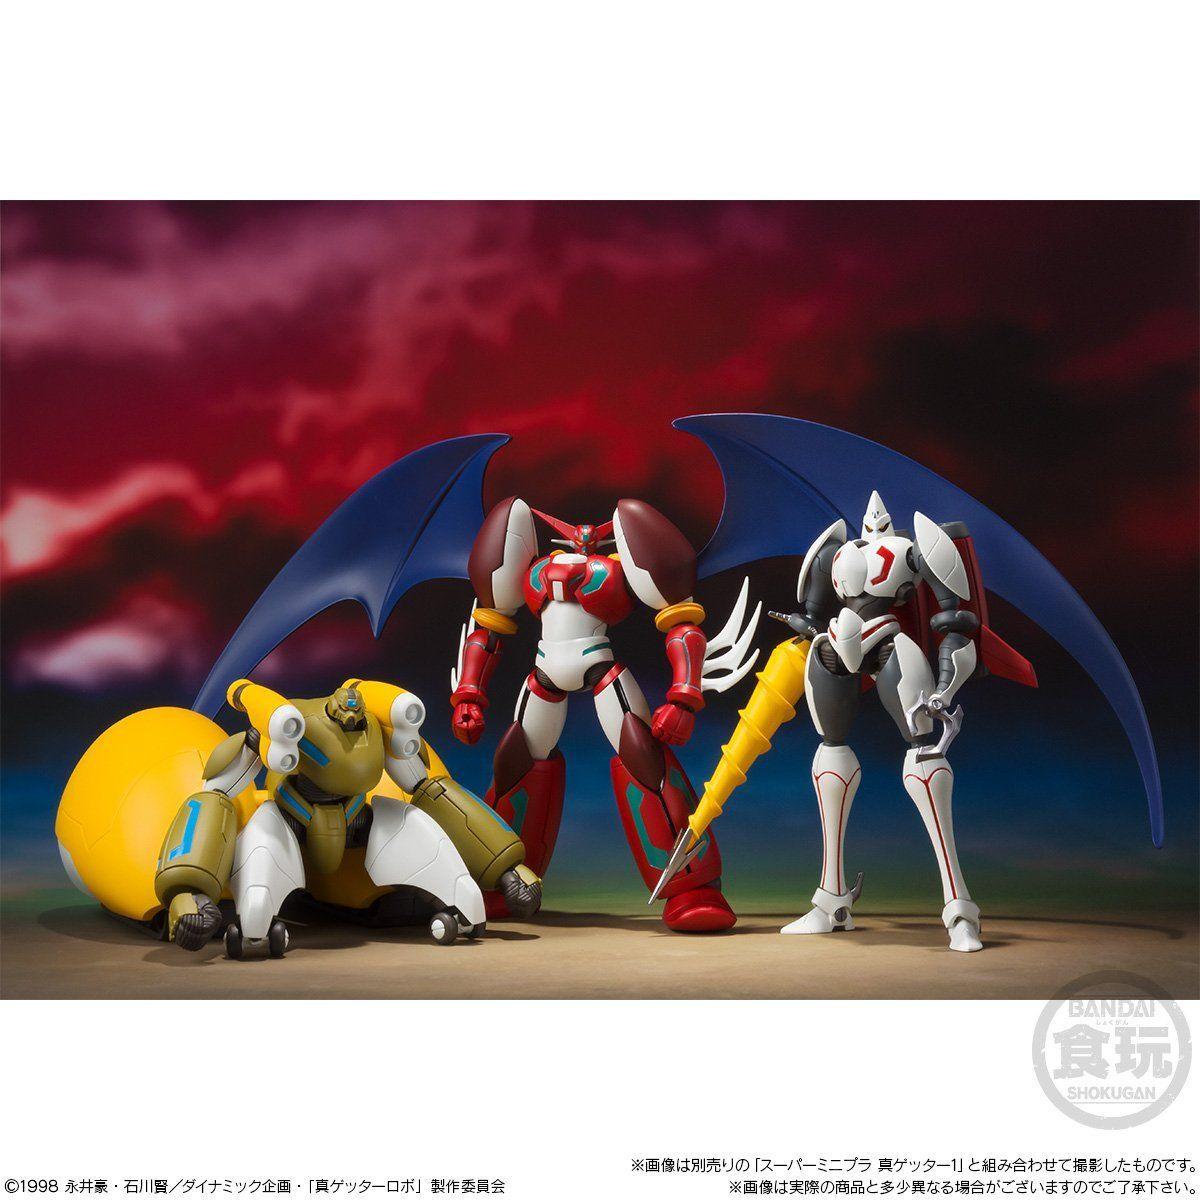 【食玩】スーパーミニプラ『真(チェンジ!!)ゲッターロボ Vol.4』プラモデル-008